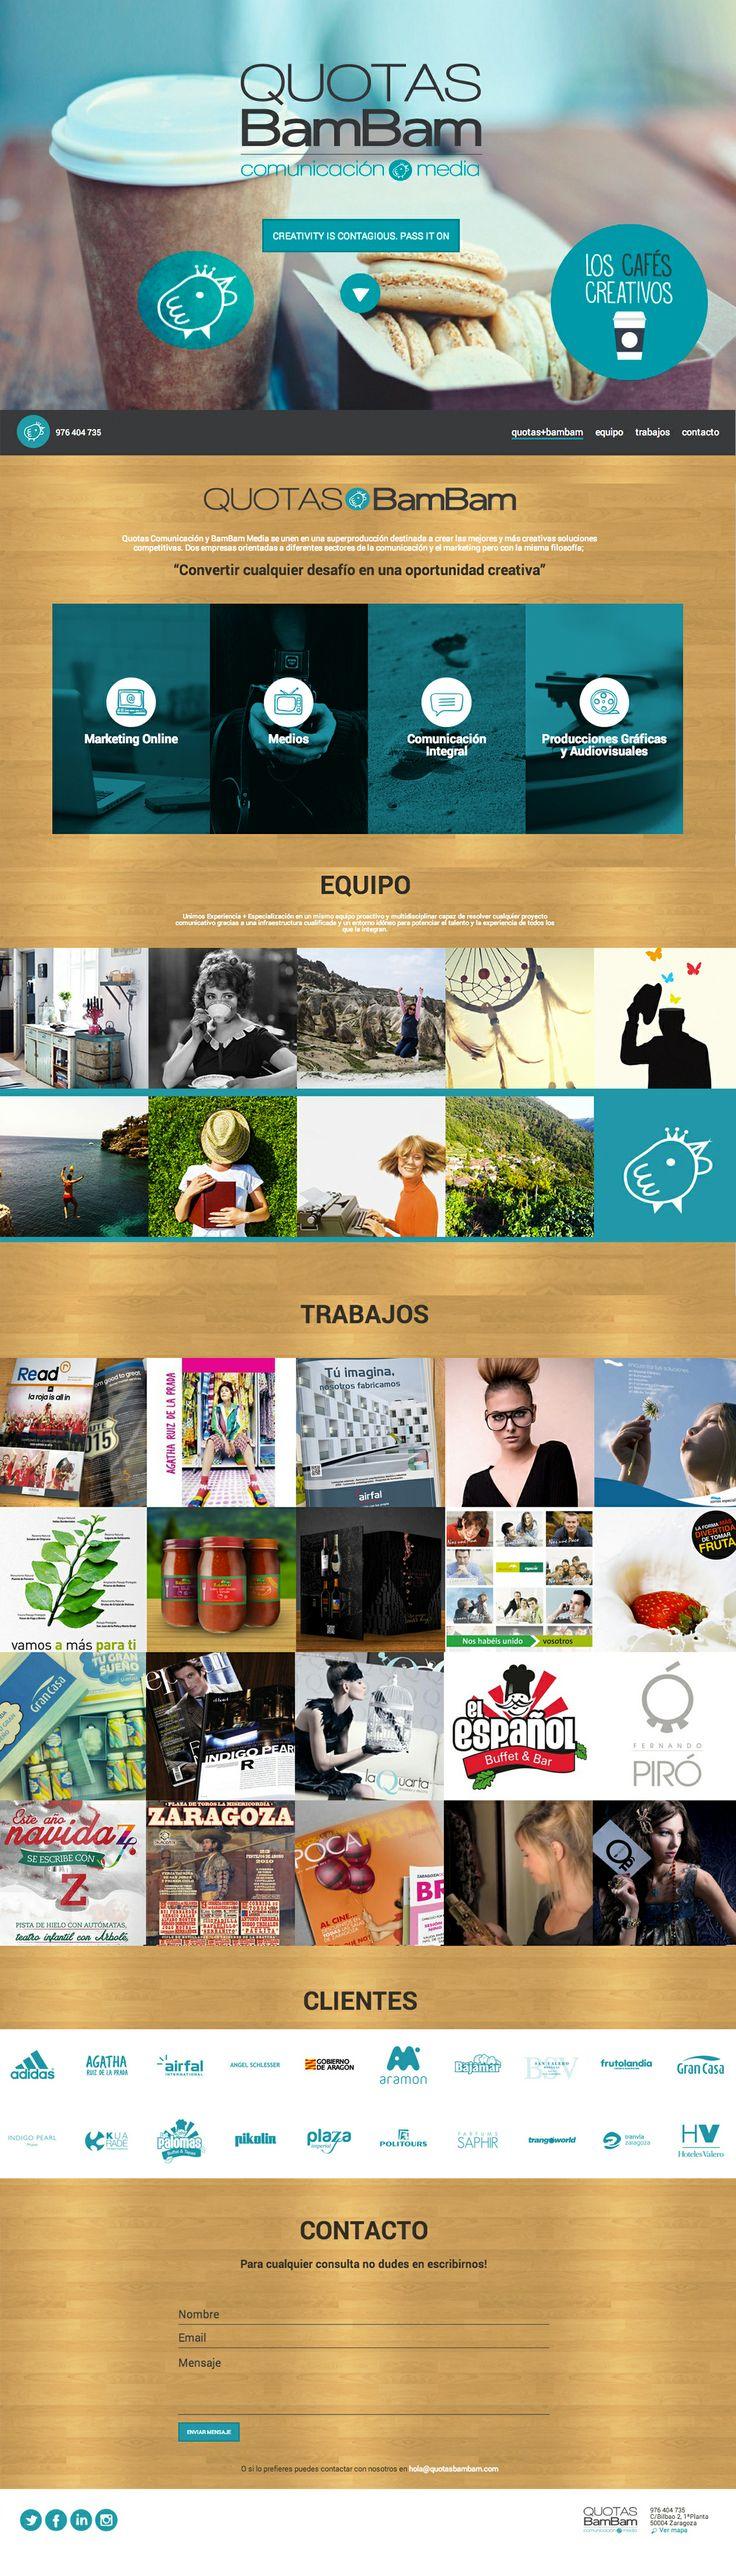 Quotas Bambam web design, and marketing communications agency. www.quotasbambam.com